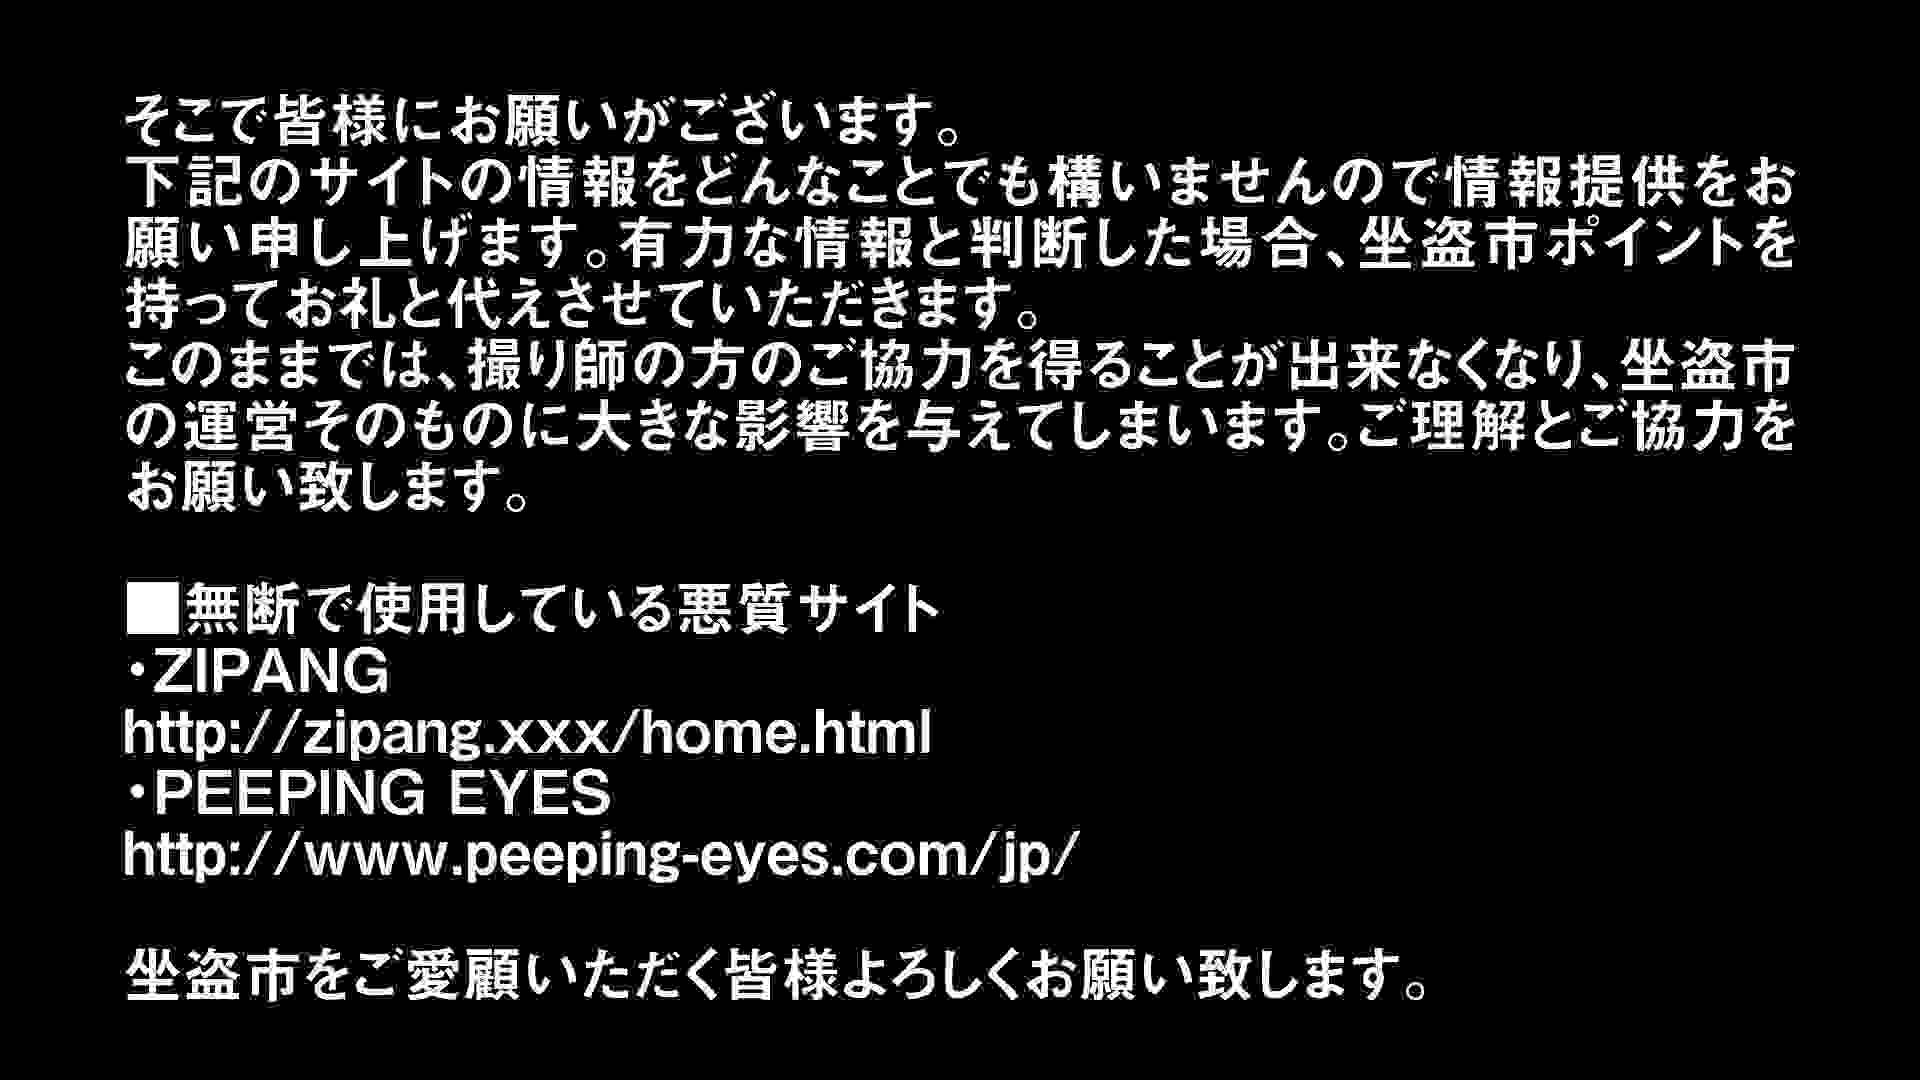 Aquaな露天風呂Vol.298 露天風呂 | 盗撮動画  10枚 5